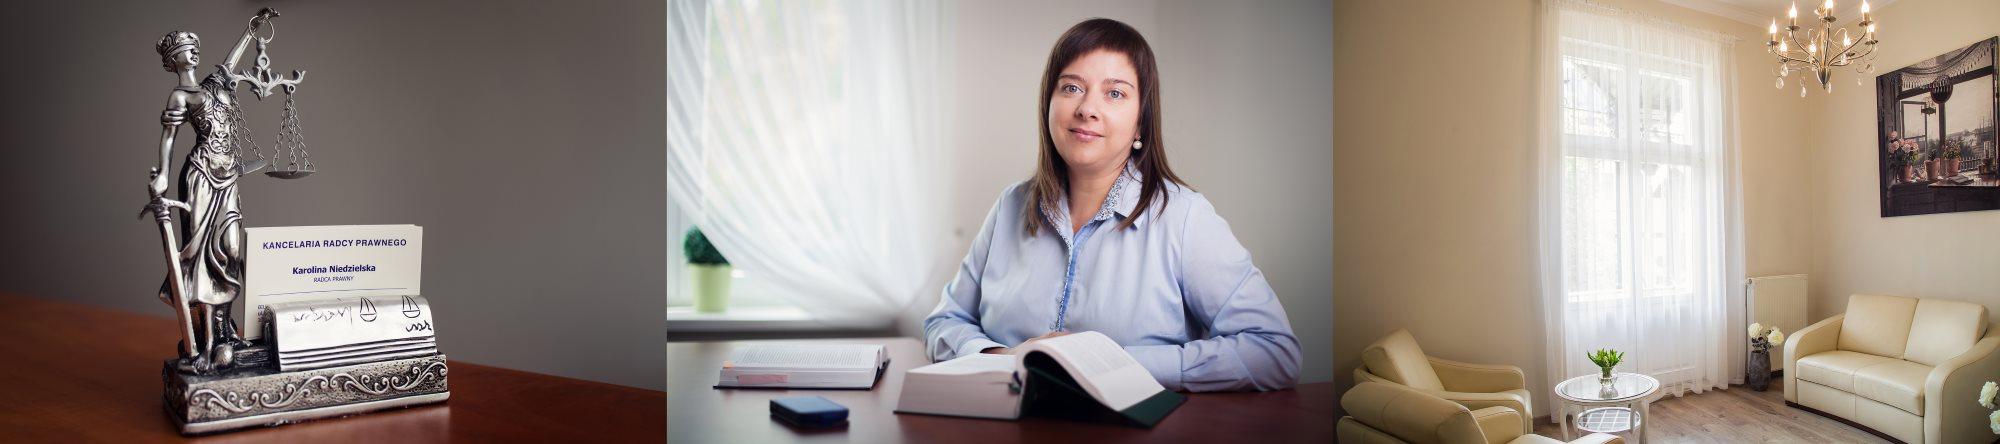 Prawnik Karolina Niedzielska – Radca Prawny Olsztyn, Rozwody Olsztyn